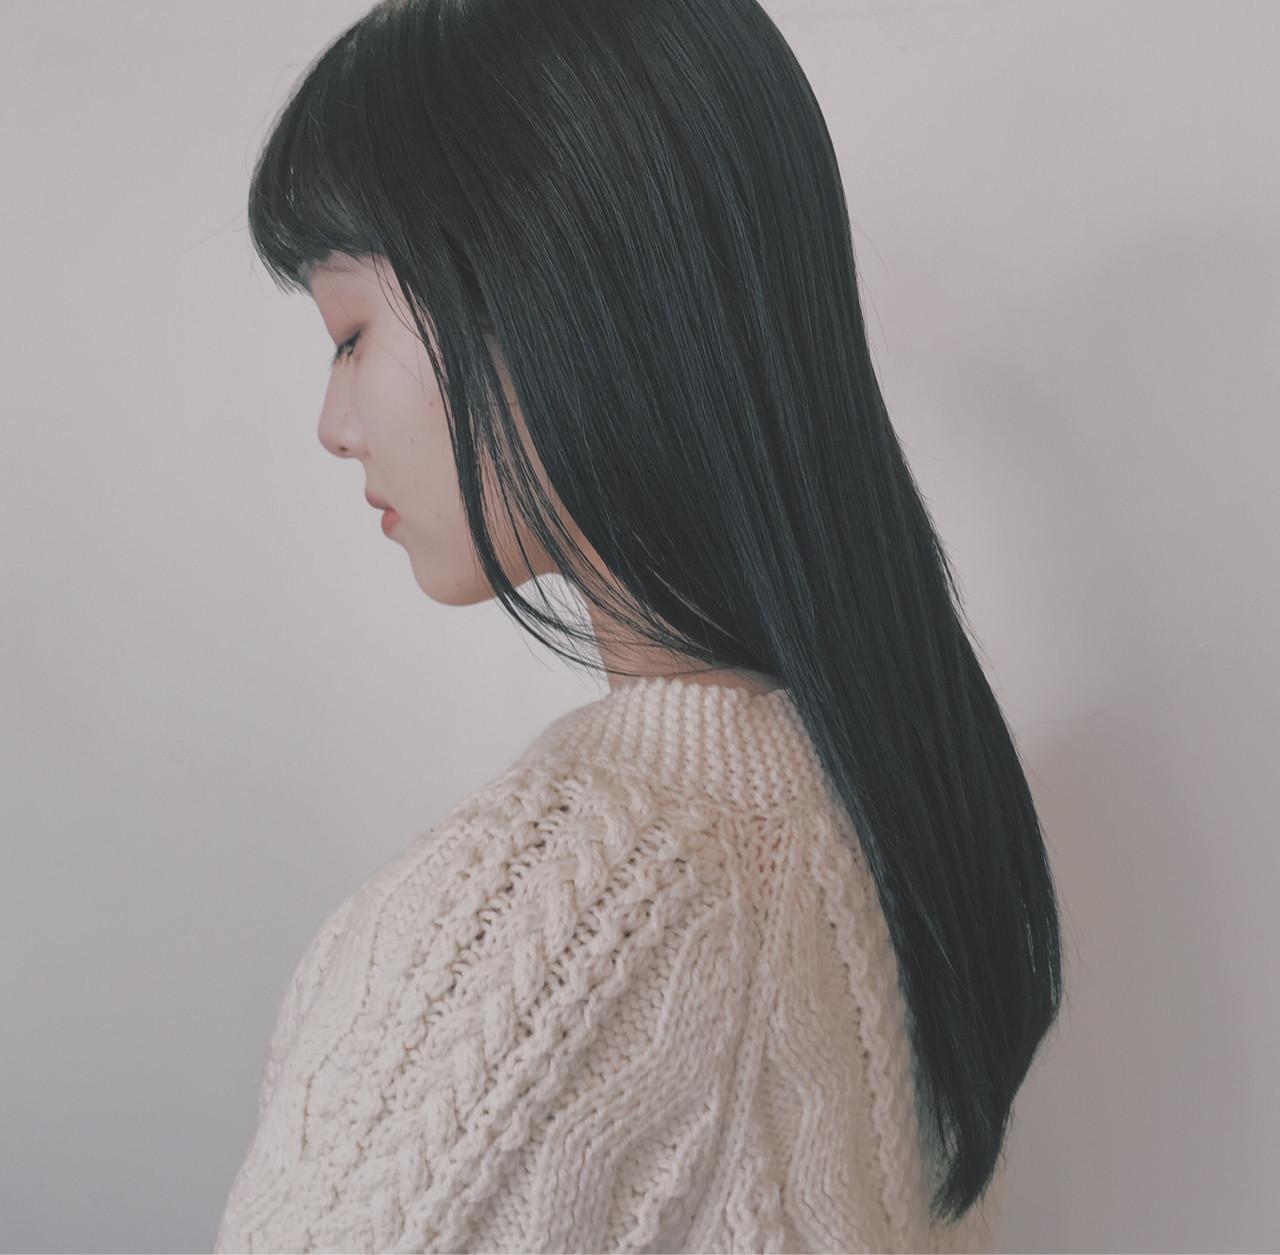 ロングならストレート!日本人らしい黒髪清楚美人 BRIDGE英香